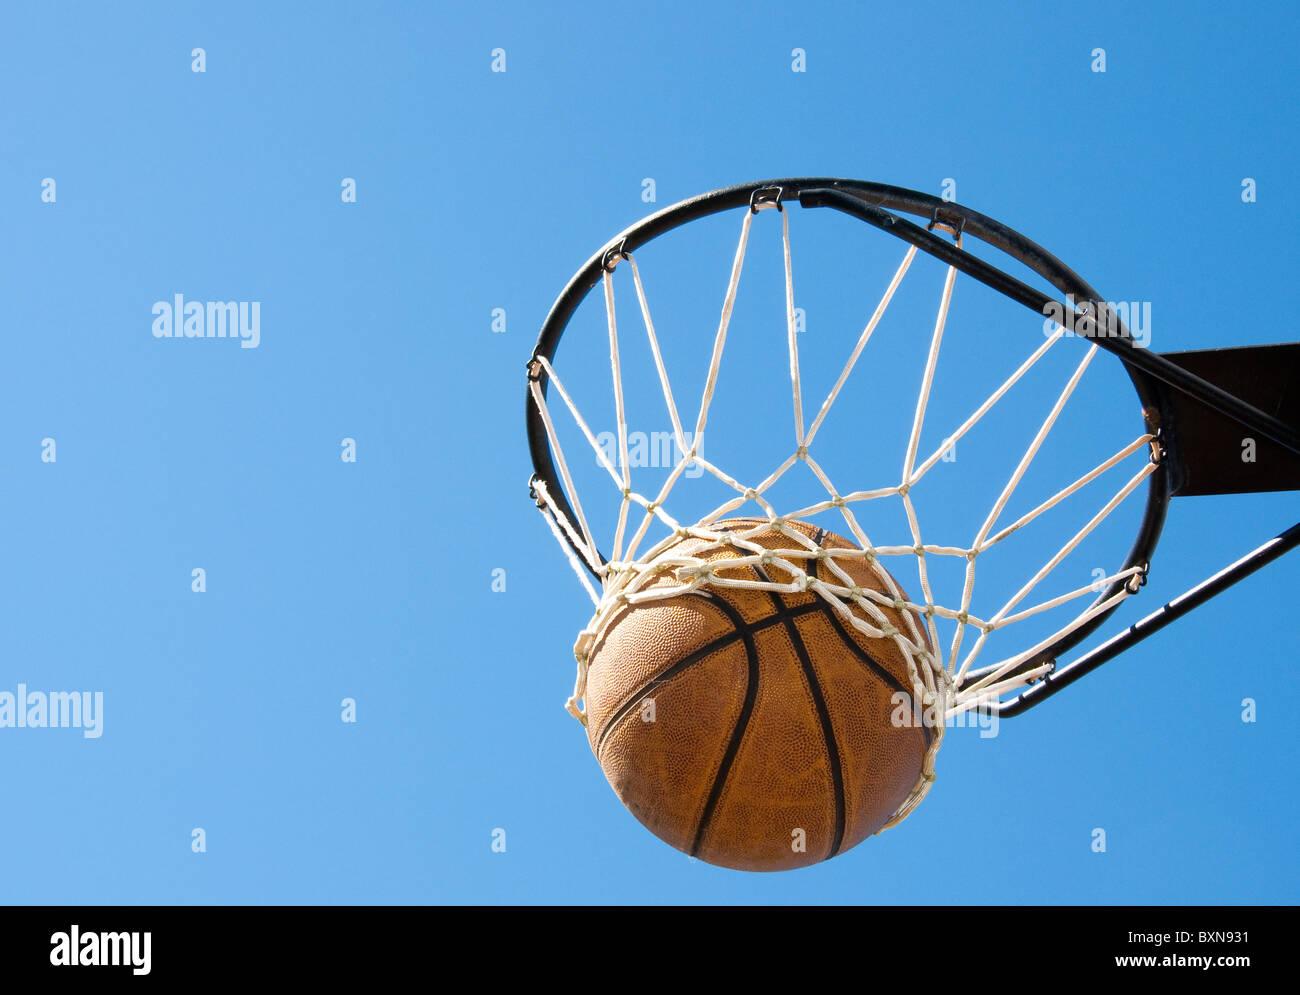 Basketball in net - concetto astratto di successo, il raggiungimento dei propri obiettivi Immagini Stock